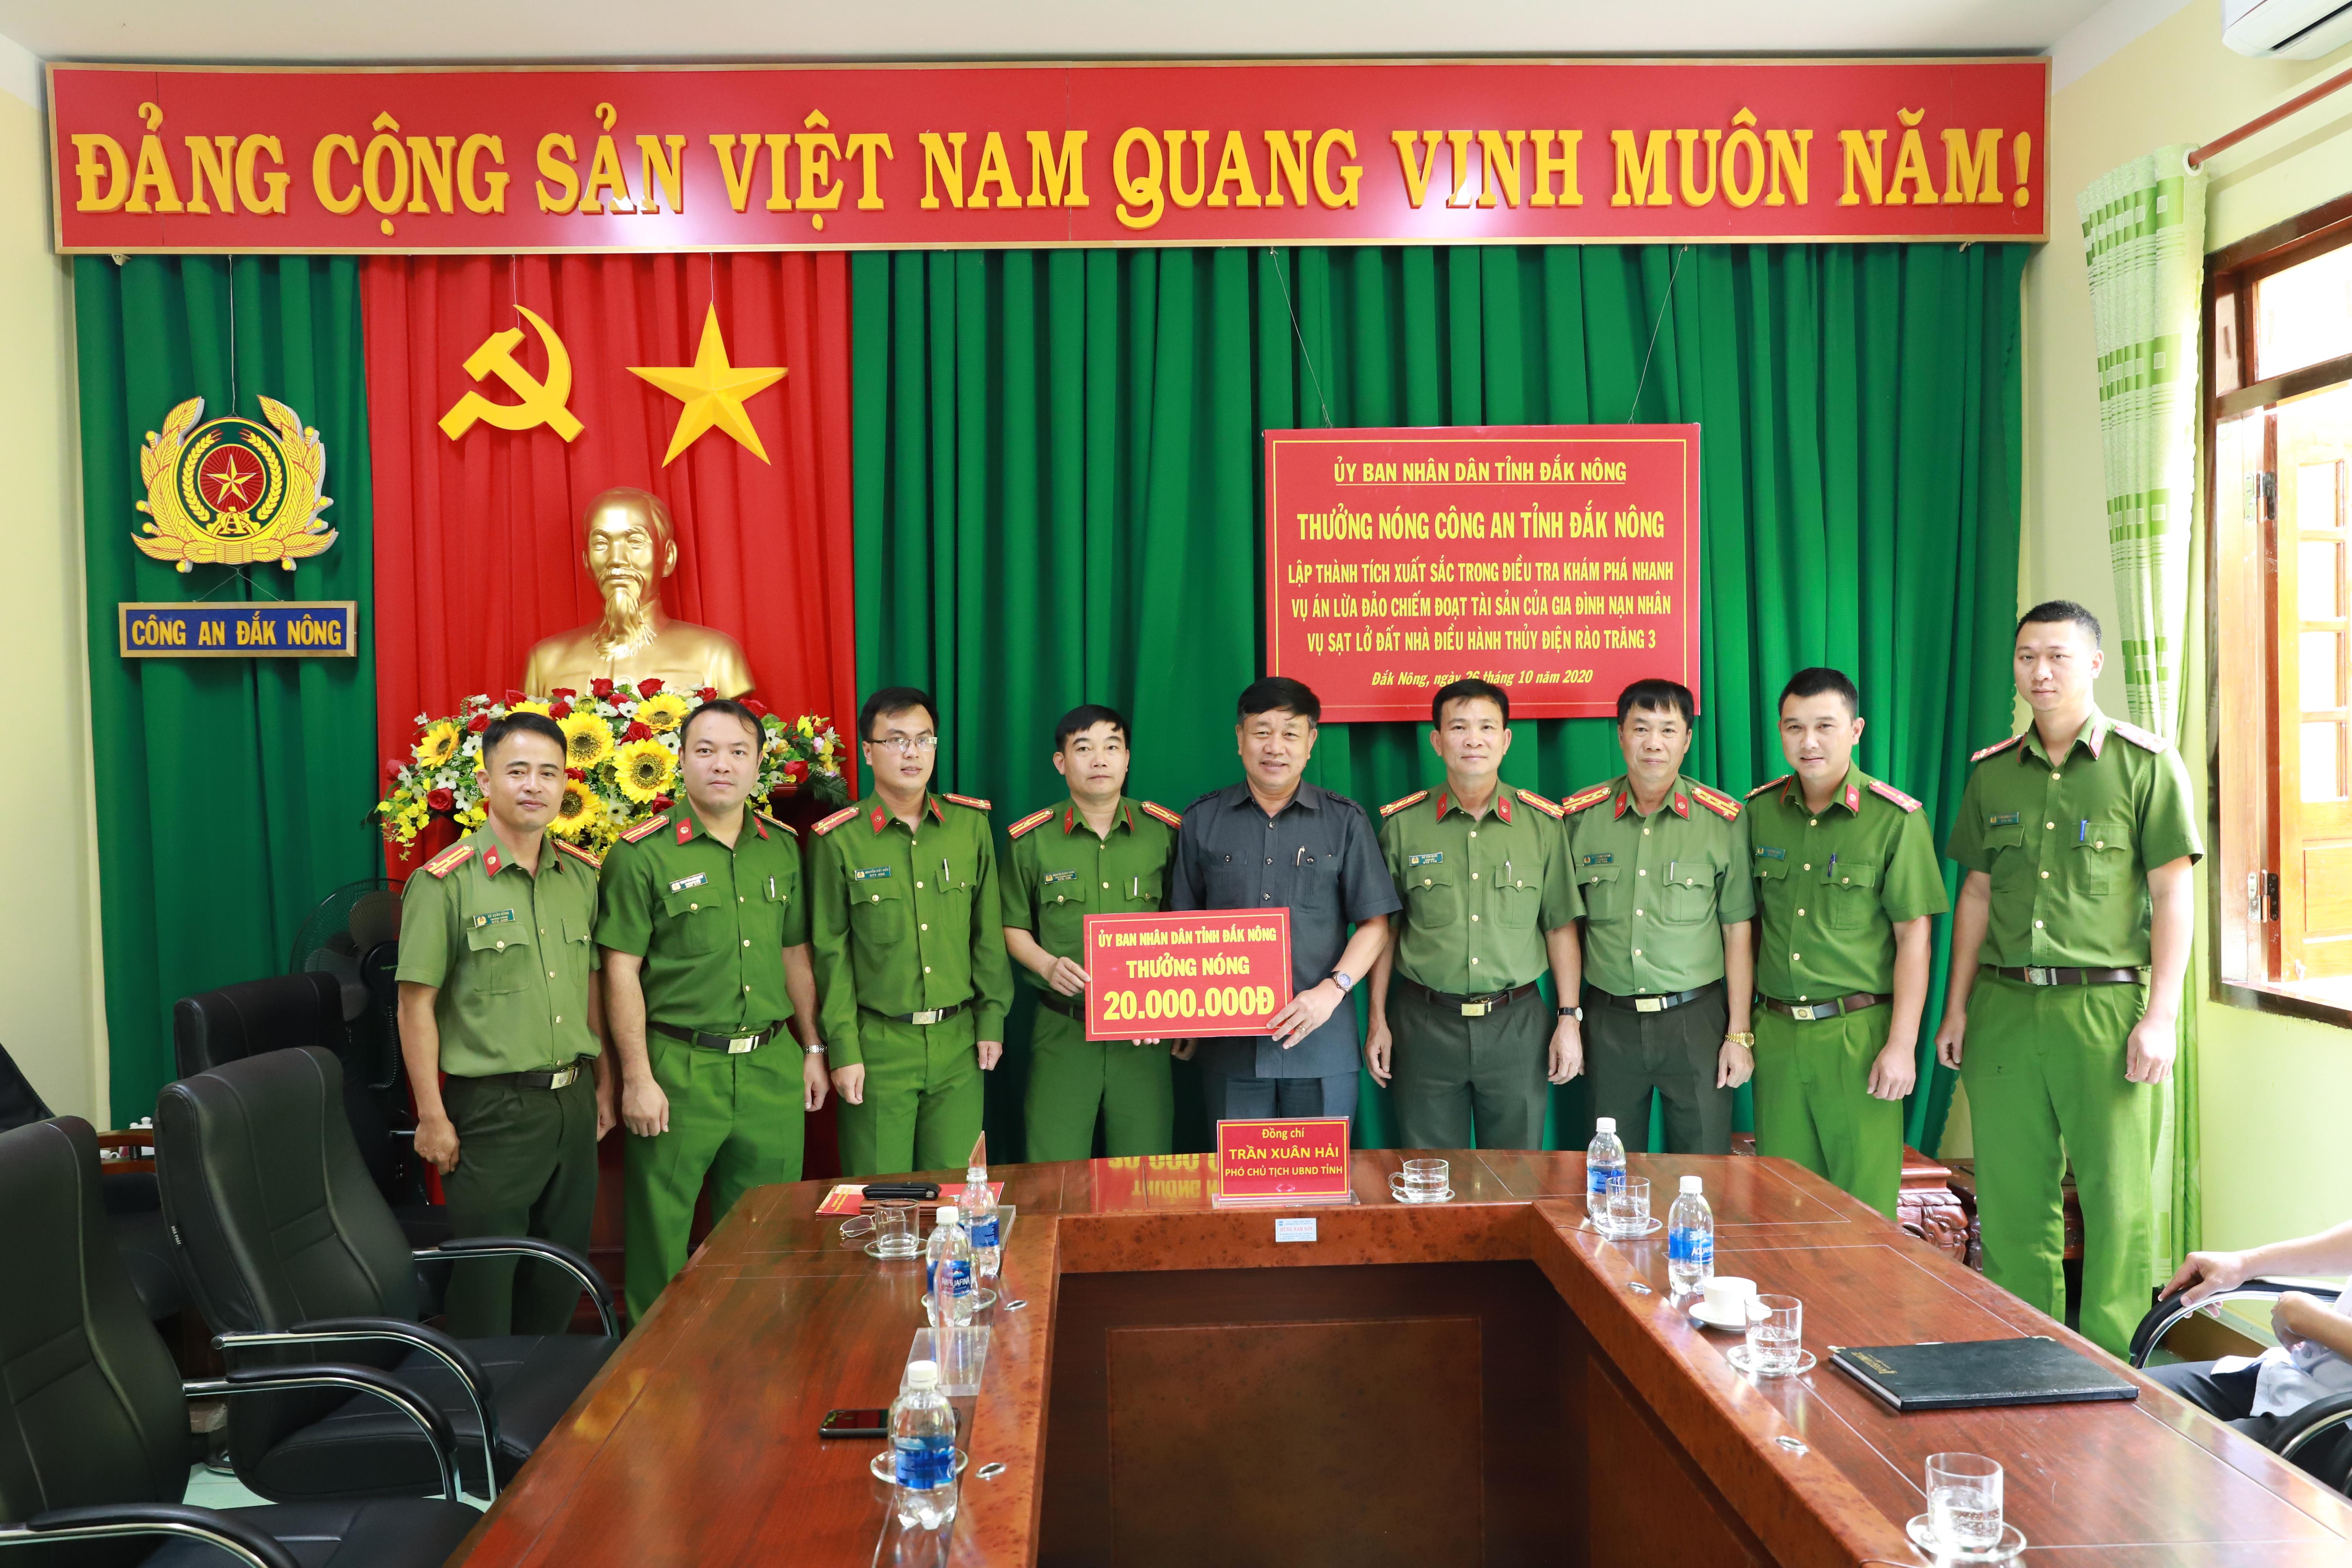 Đại diện UBND tỉnh Đắk Nông trao thưởng 20 triệu đồng cho Công an tỉnh.